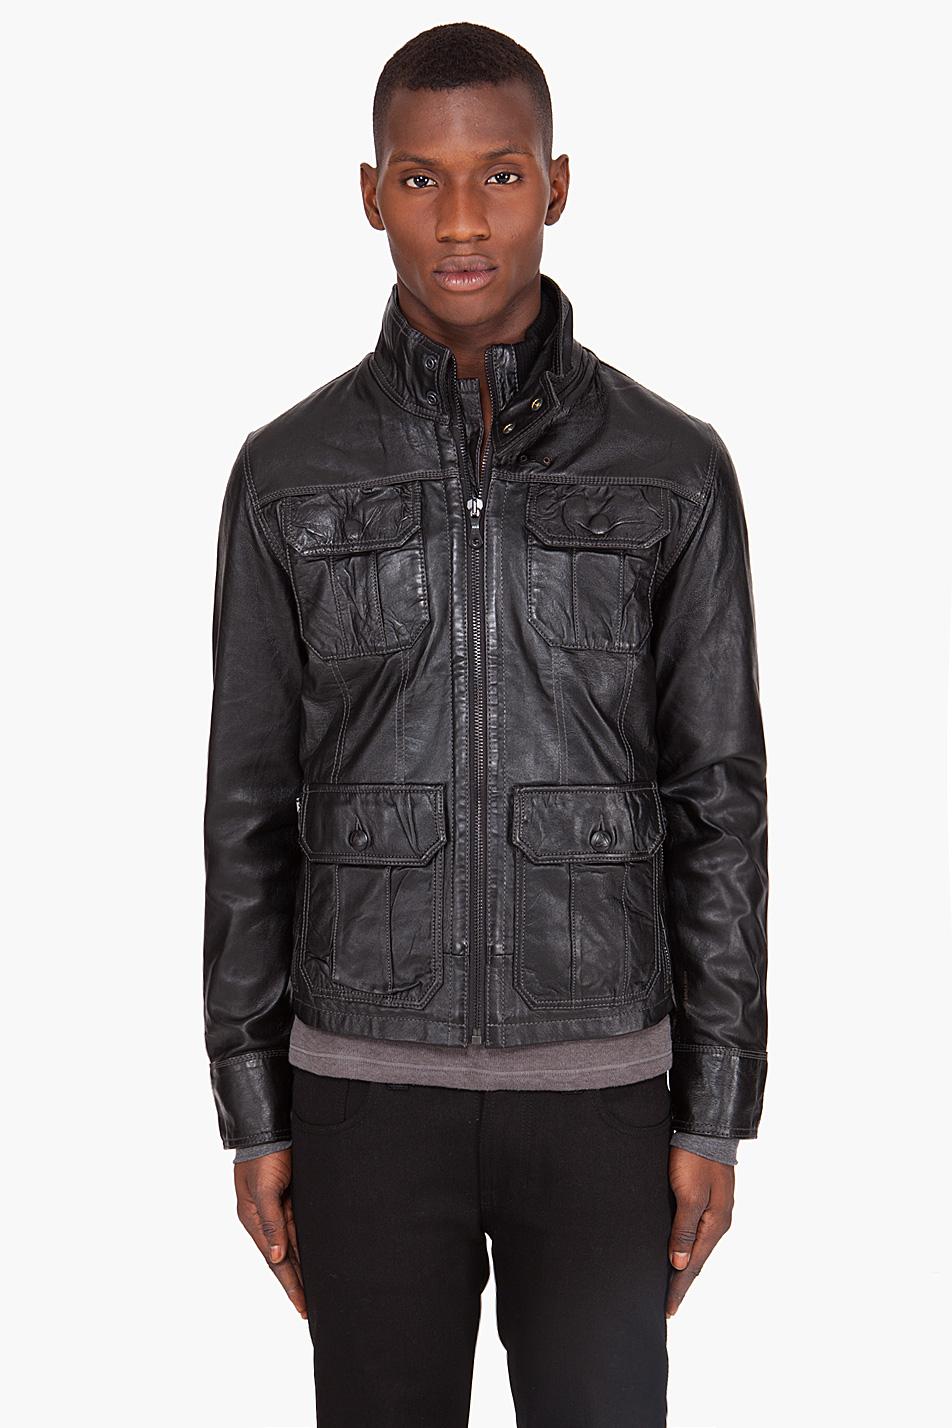 g star raw dryden leather jacket in black for men lyst. Black Bedroom Furniture Sets. Home Design Ideas